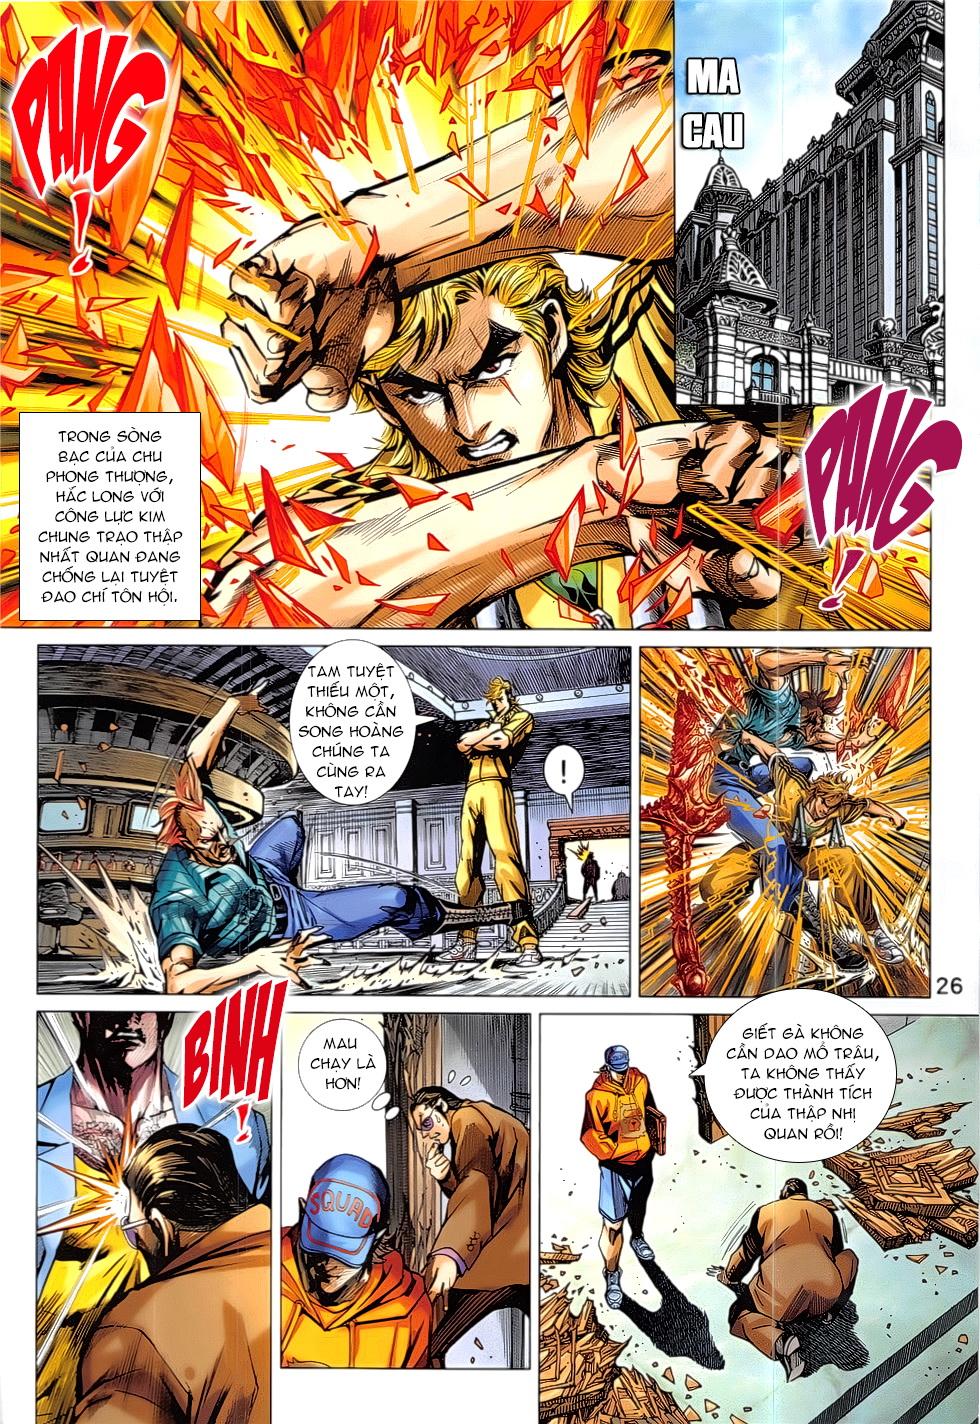 Tân Tác Long Hổ Môn Chap 837 page 26 - Truyentranhaz.net